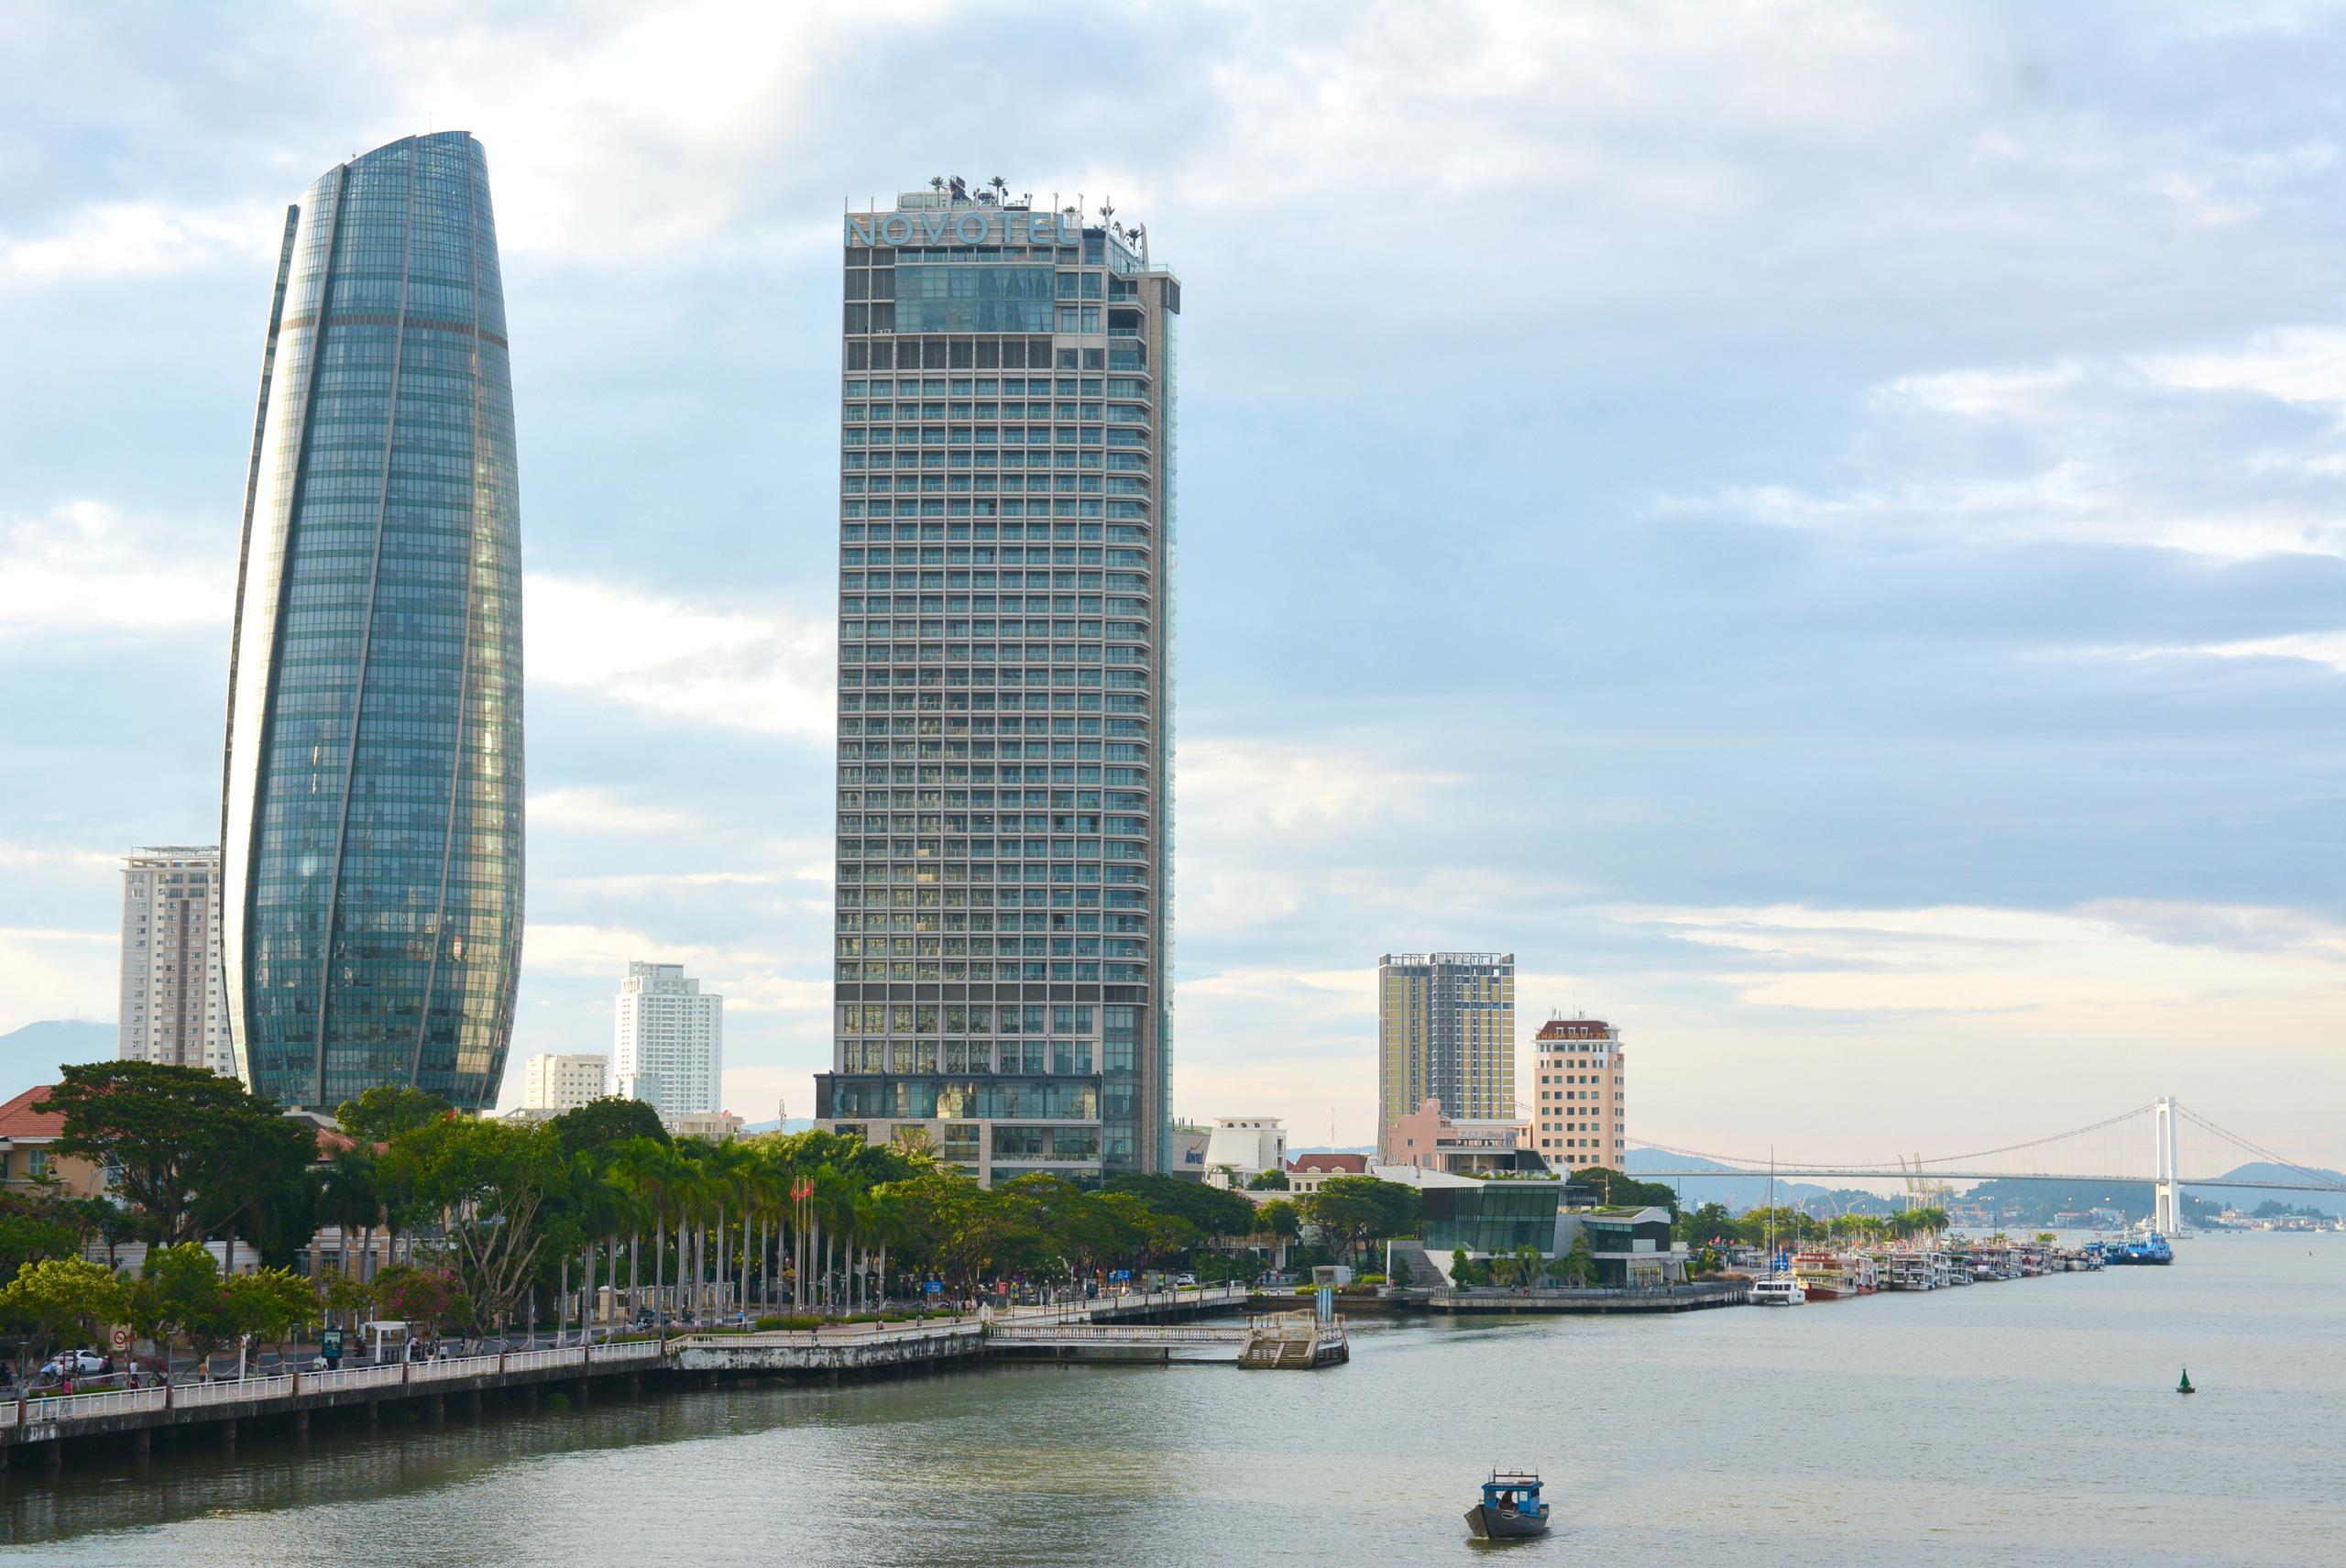 Hạ tầng ven sông Hàn Đà Nẵng hiện tại và trong tương lai - Ảnh 6.